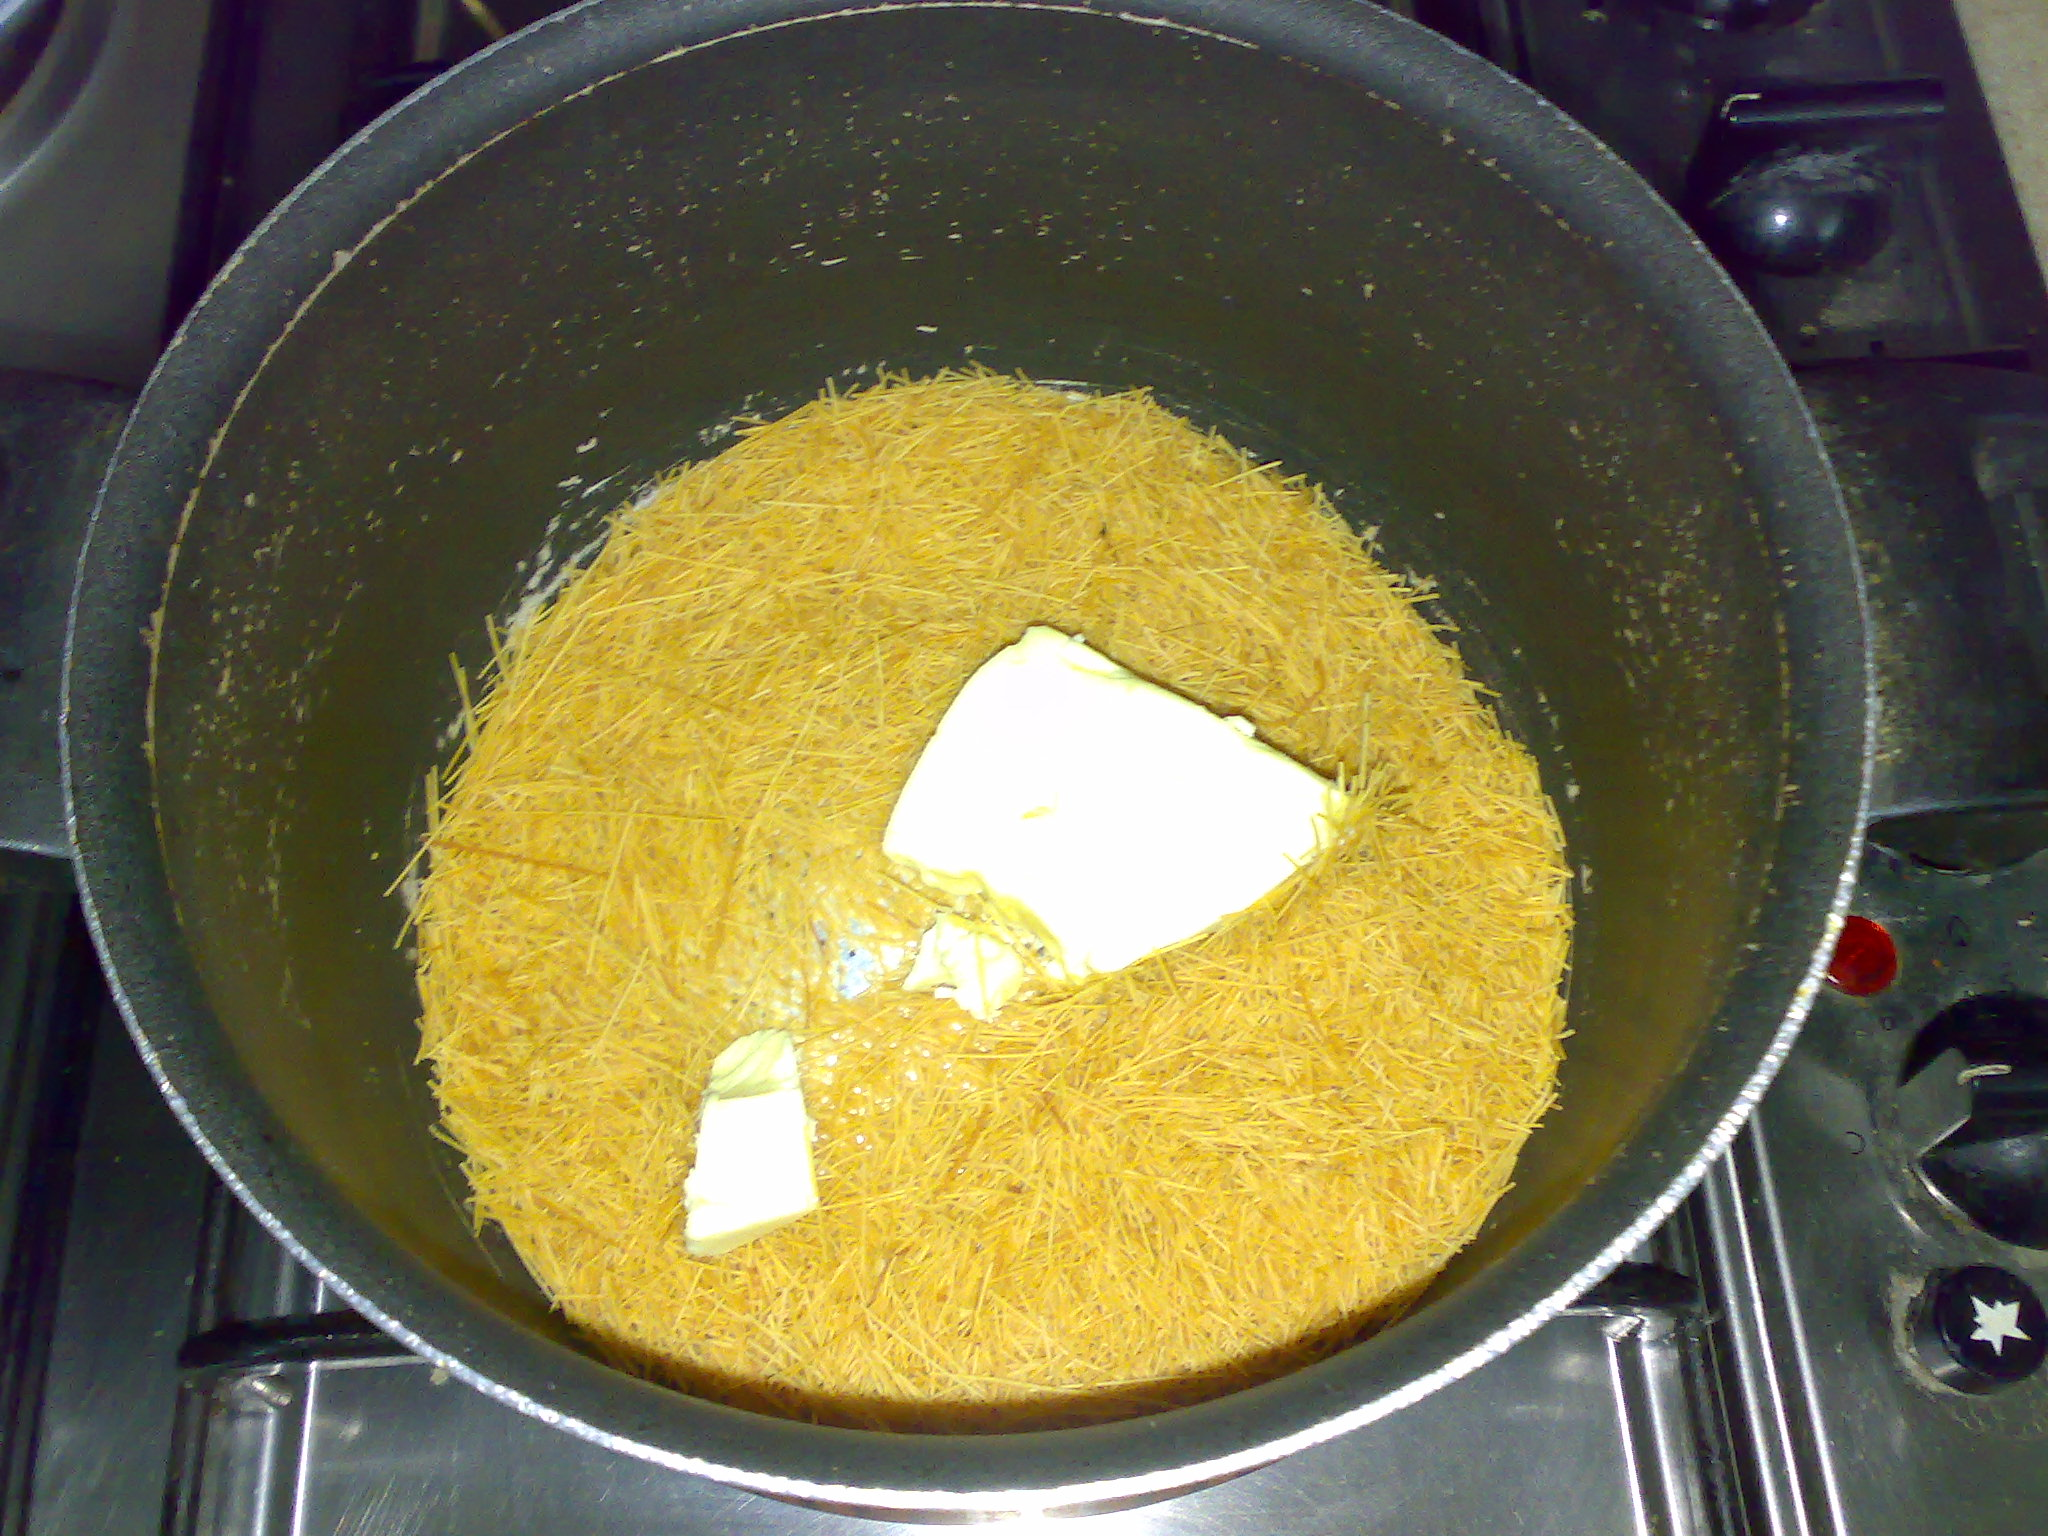 تحمير الشعيريه على النار مع الزبدة ليصبح لونها ذهبي